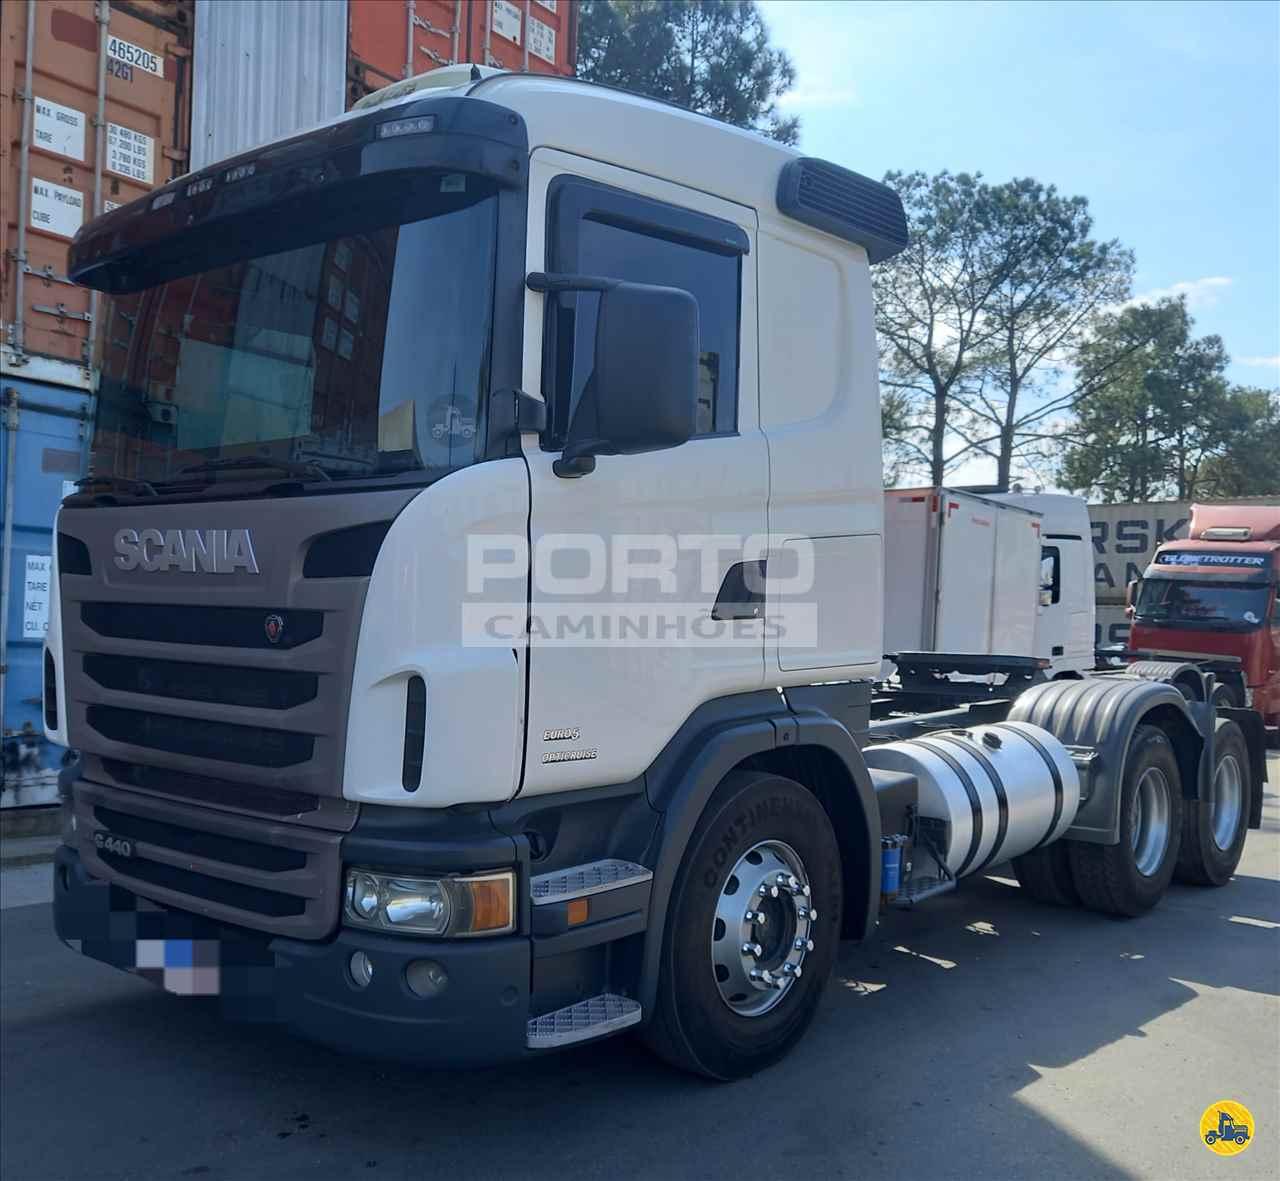 CAMINHAO SCANIA SCANIA 440 Cavalo Mecânico Truck 6x2 Porto Caminhões GUARULHOS SÃO PAULO SP